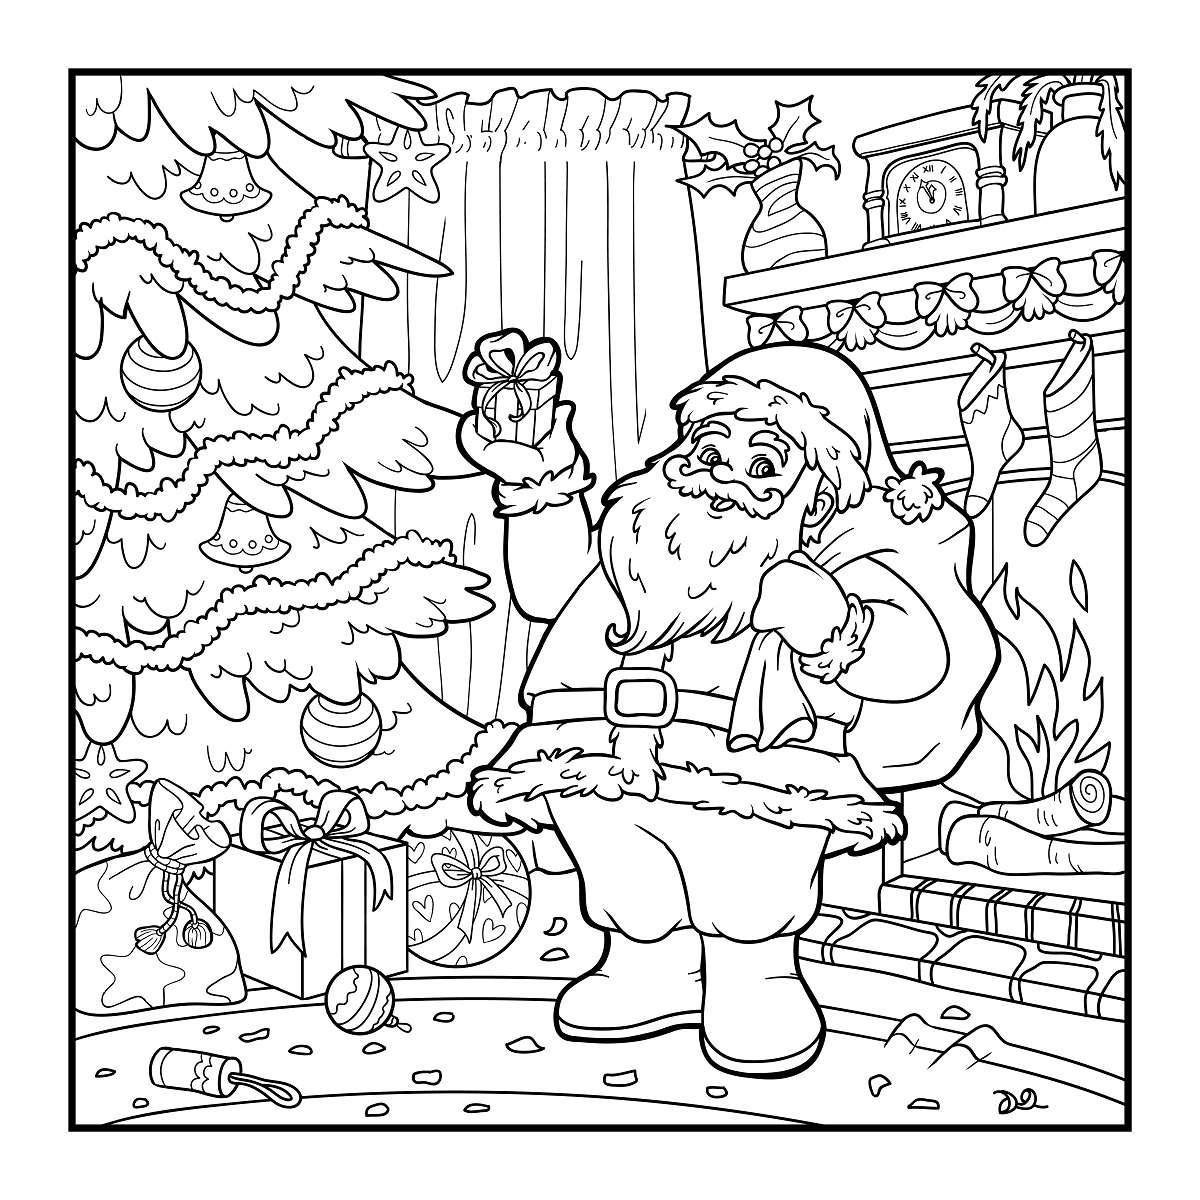 Más de 10 dibujos de Navidad para colorear 2